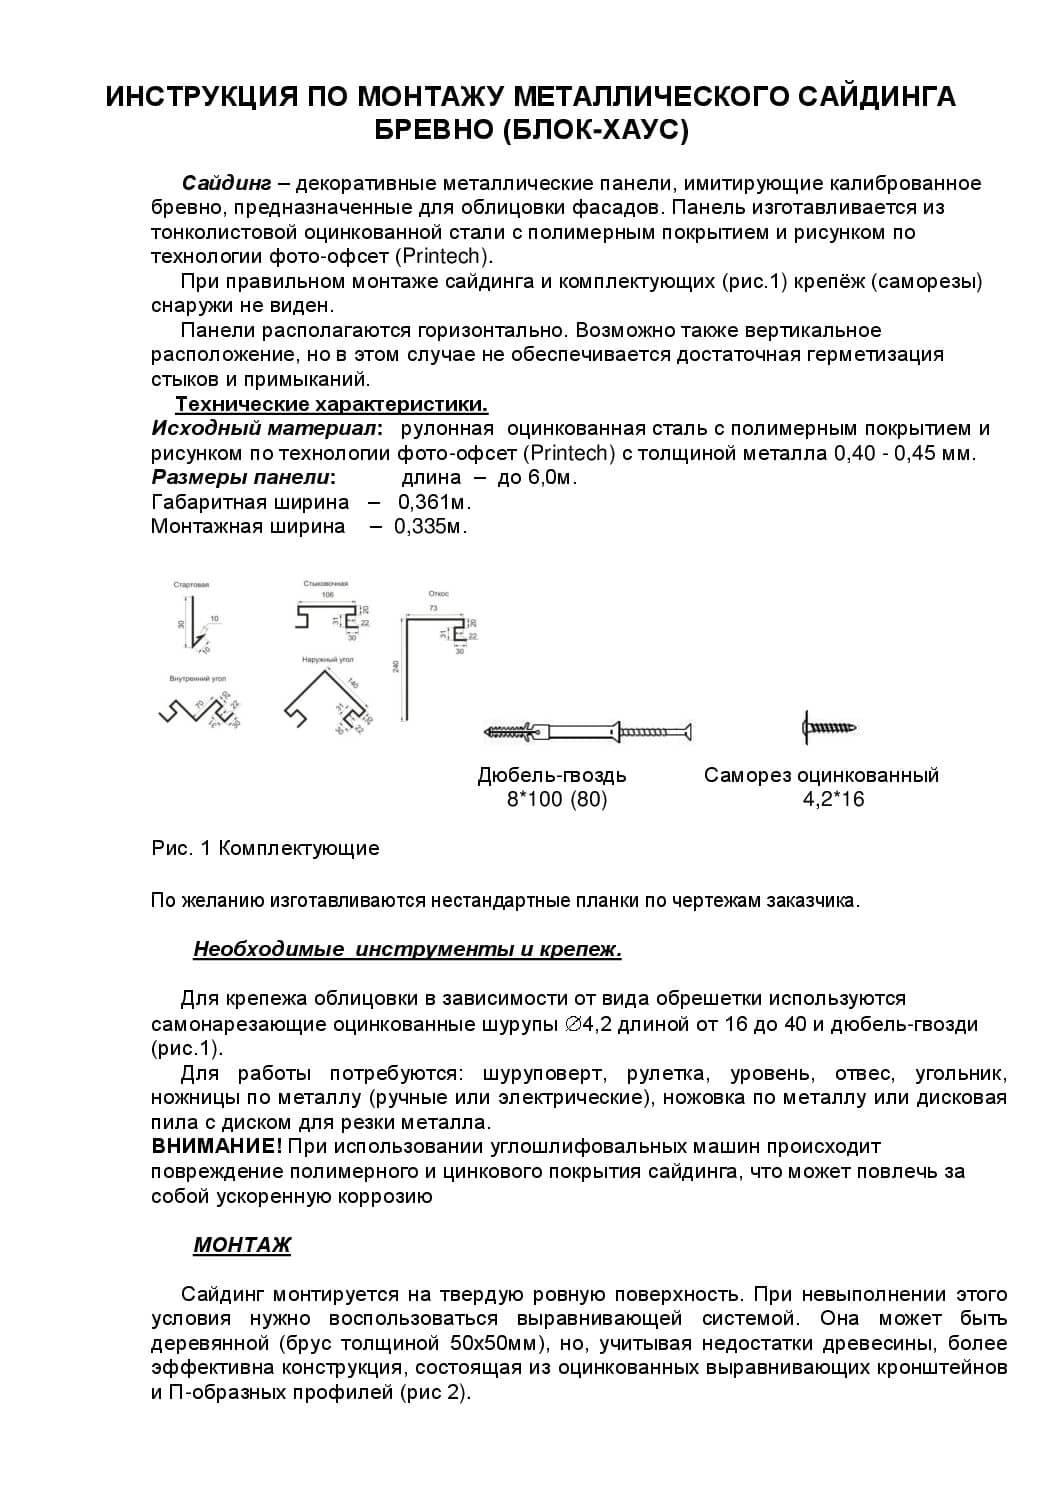 Инструкция по монтажу металического сайдинга Блок Хаус «Бревно»